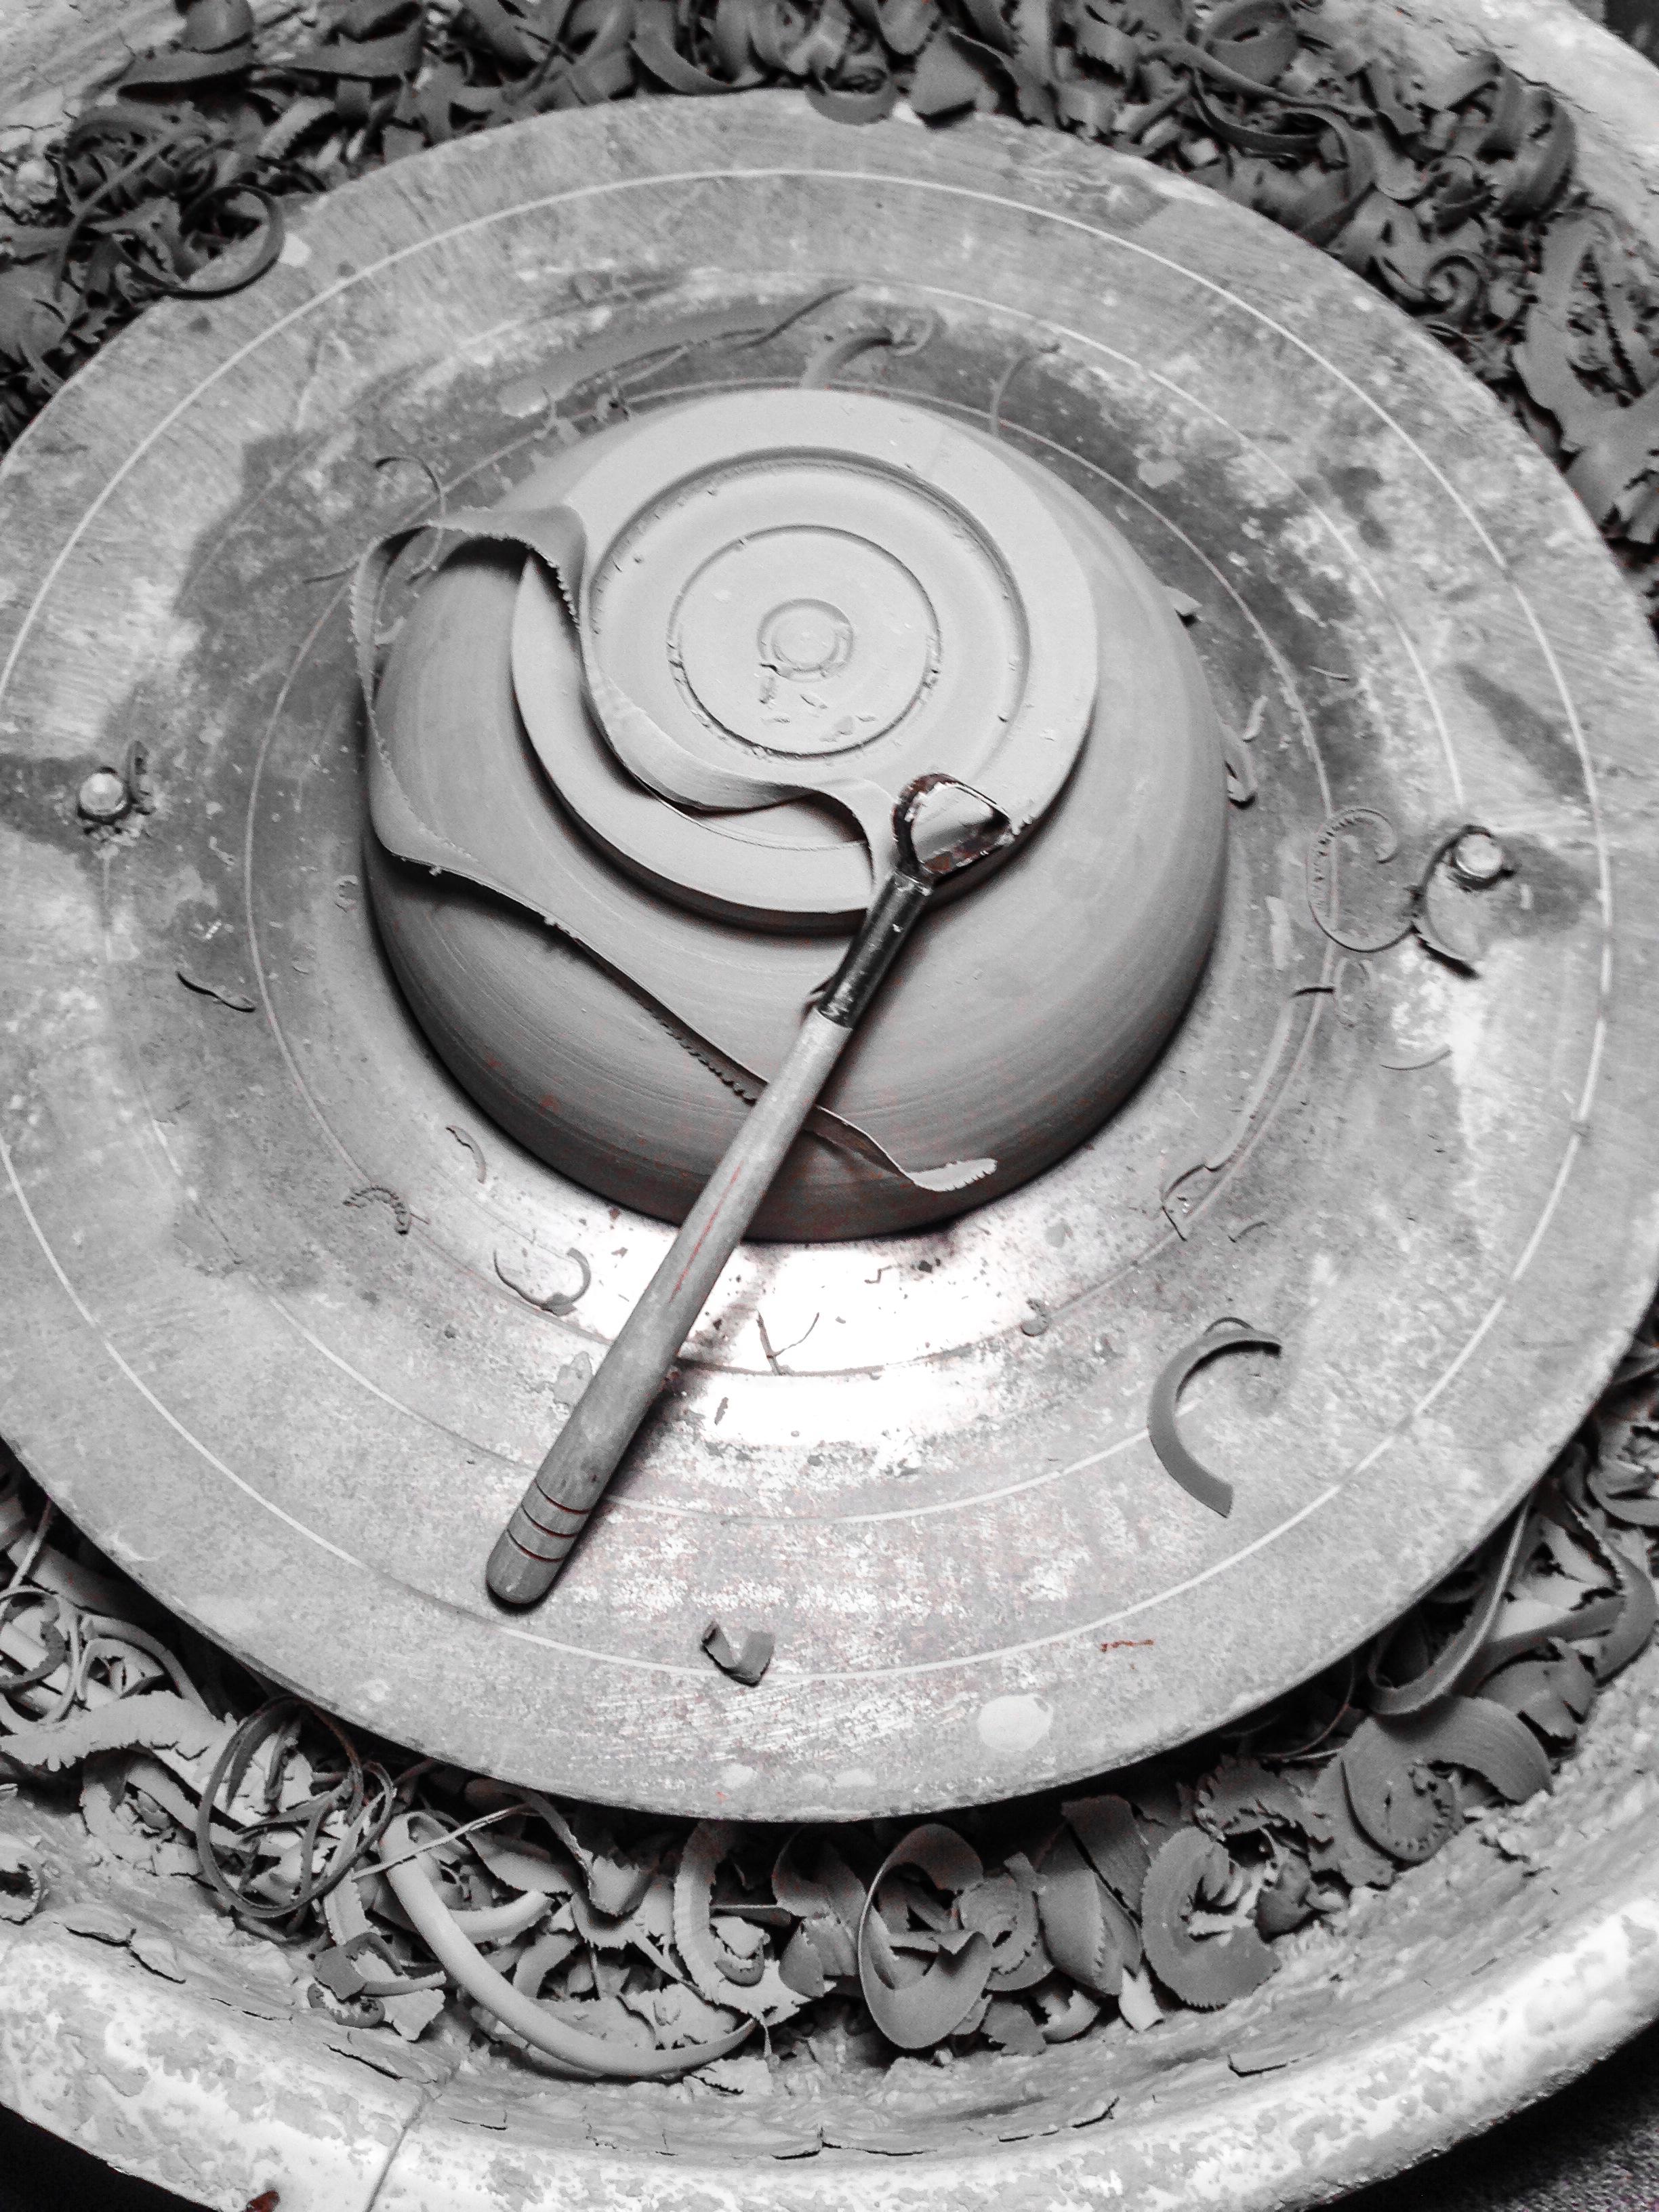 Trimming a Porcelain Bowl